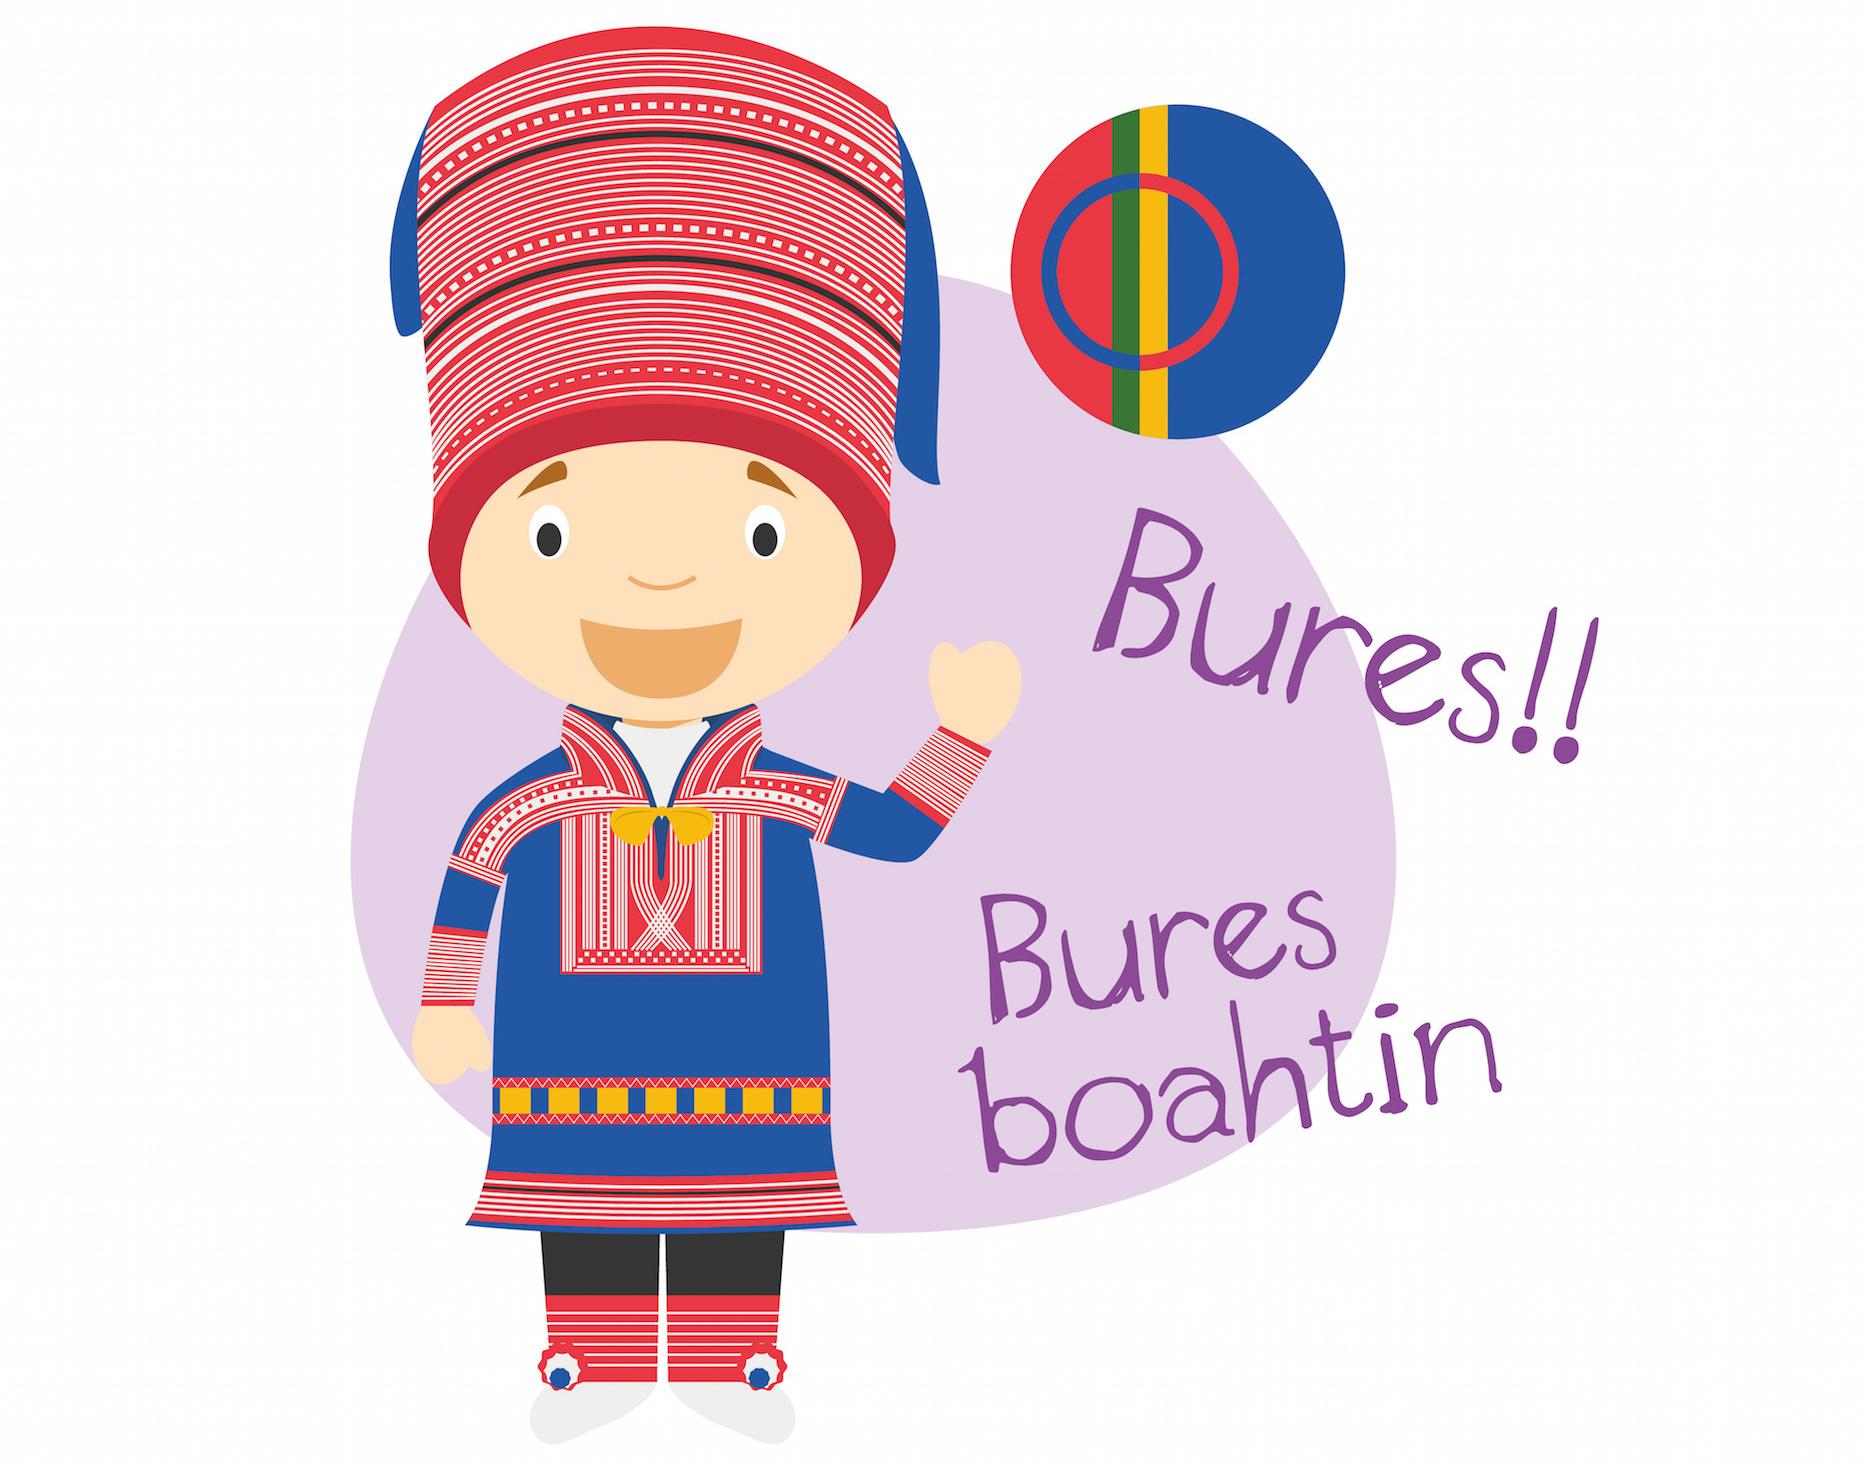 tegning av barn i samisk nasjonaldrakt som sier hei og velkommen på samisk